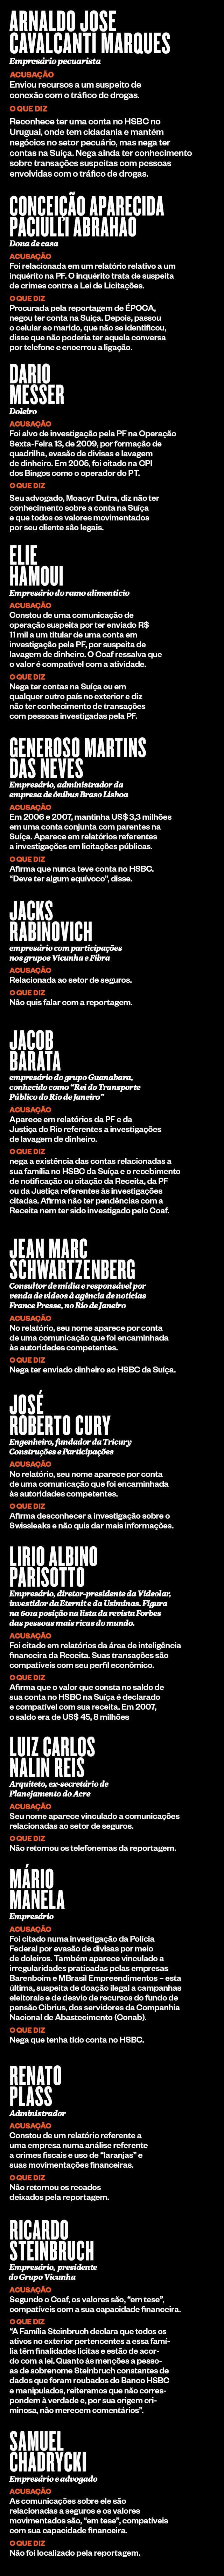 lista brasileiros com contas no HSBC na Suíça (Foto: ÉPOCA)